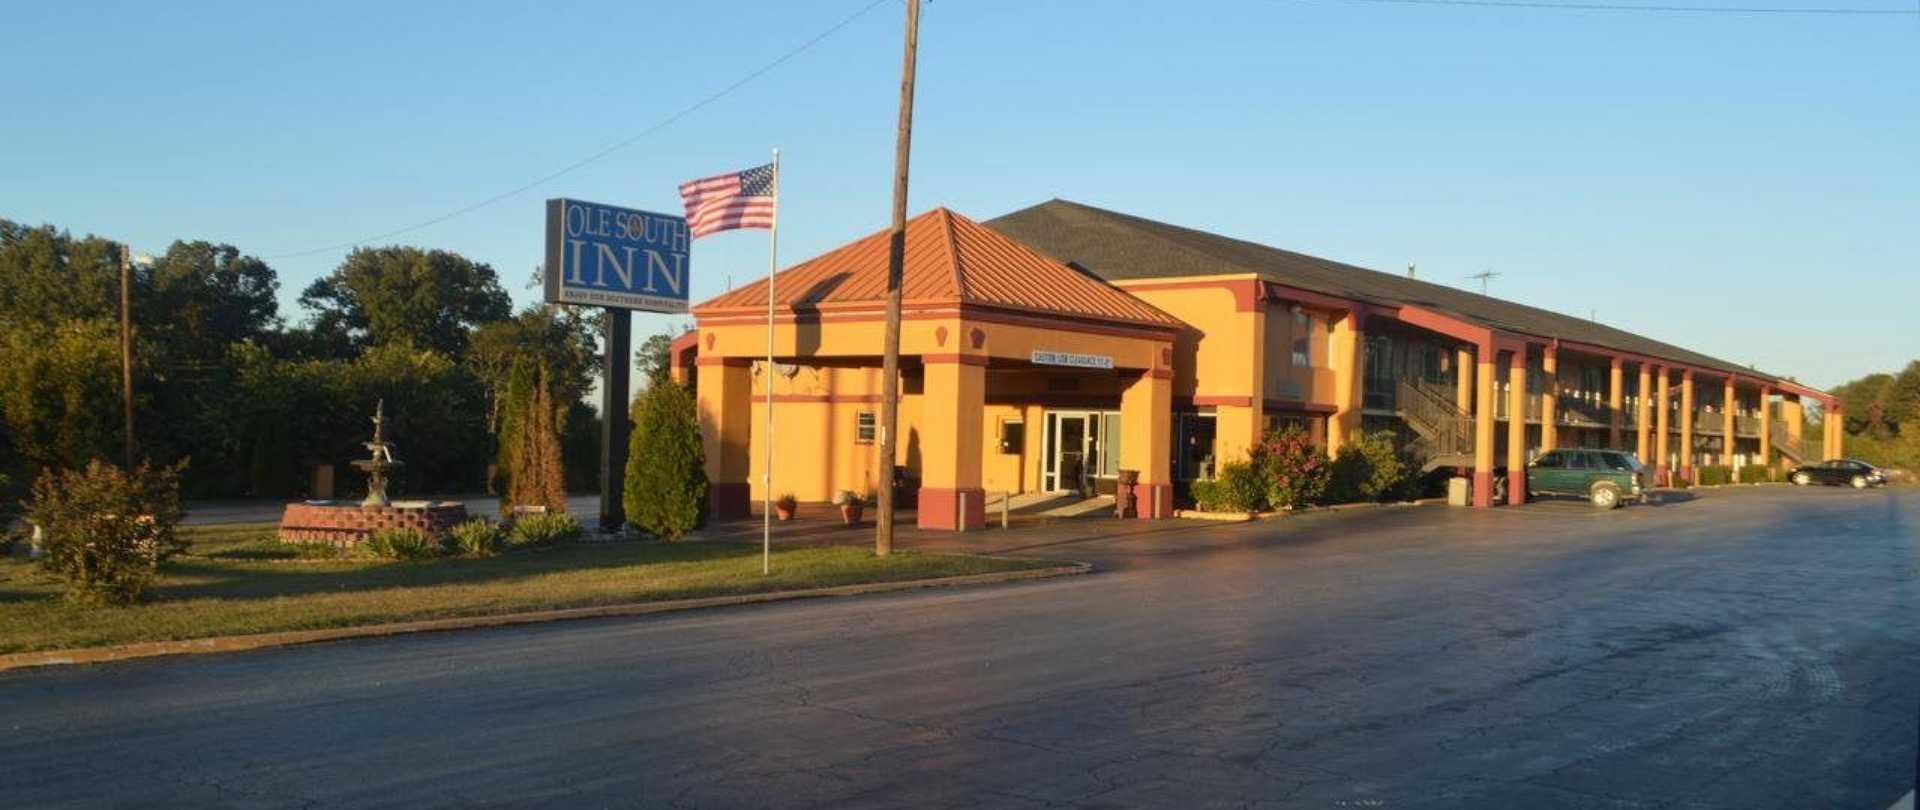 Ole South Inn Near Jackson Tn